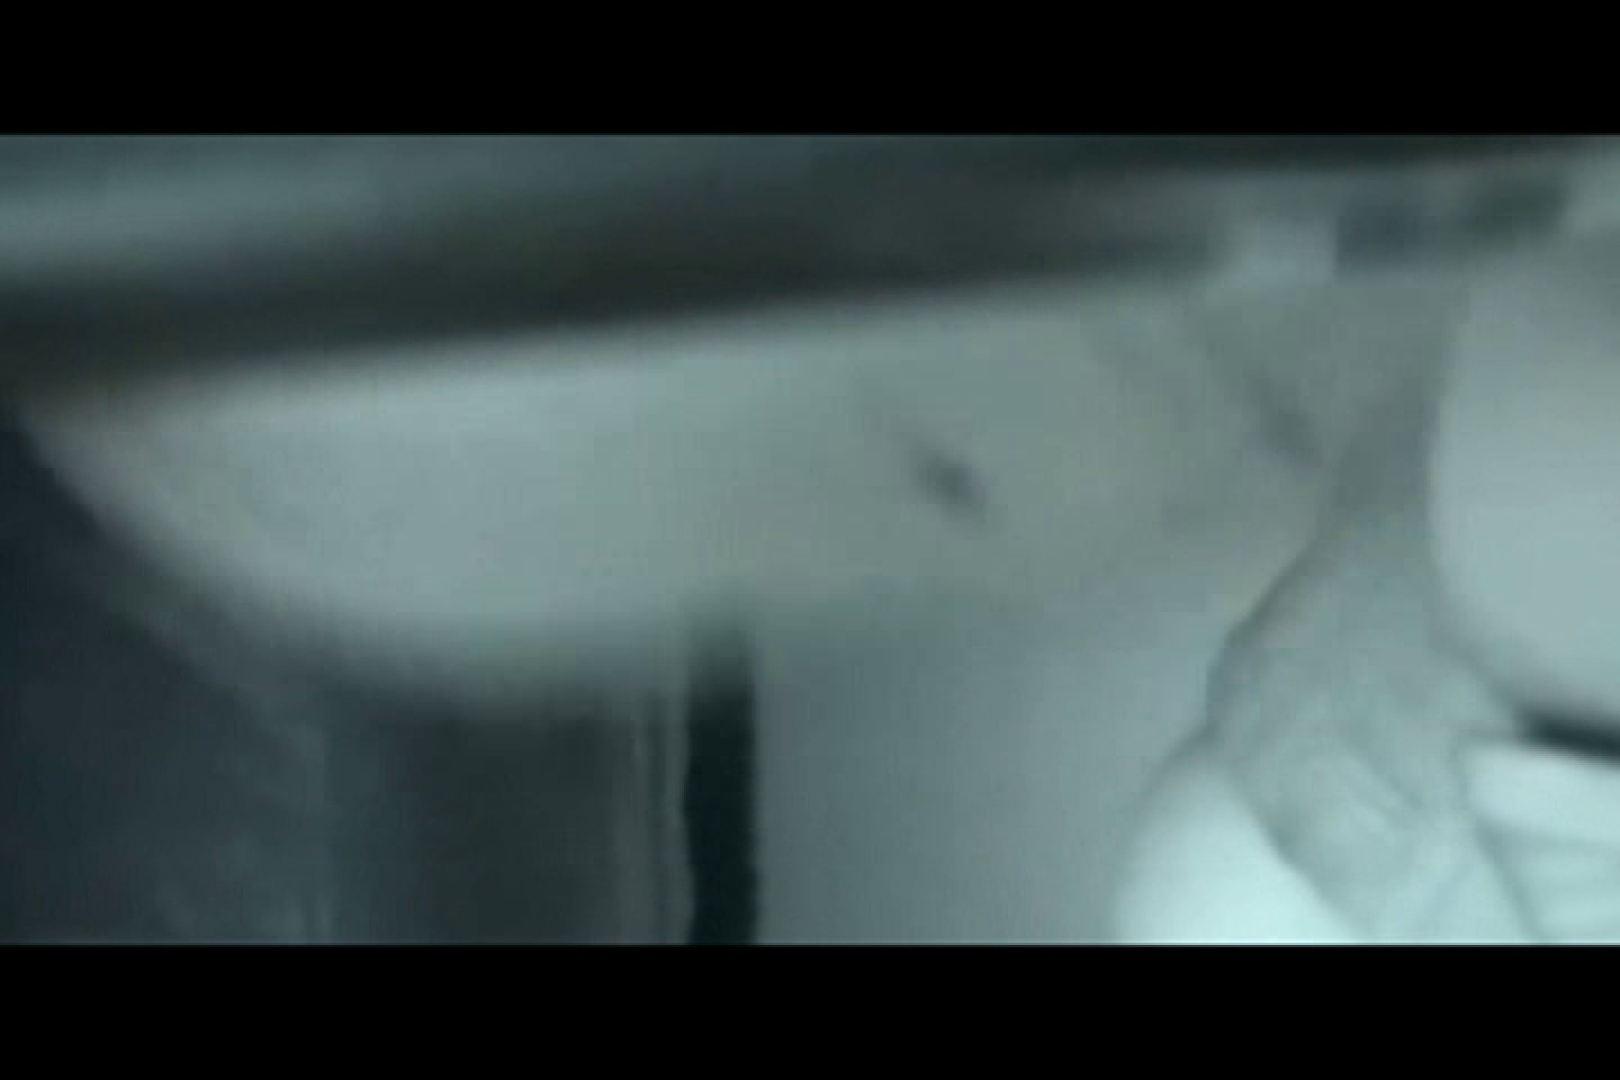 ぼっとん洗面所スペシャルVol.19 洗面所 のぞき動画画像 87画像 50